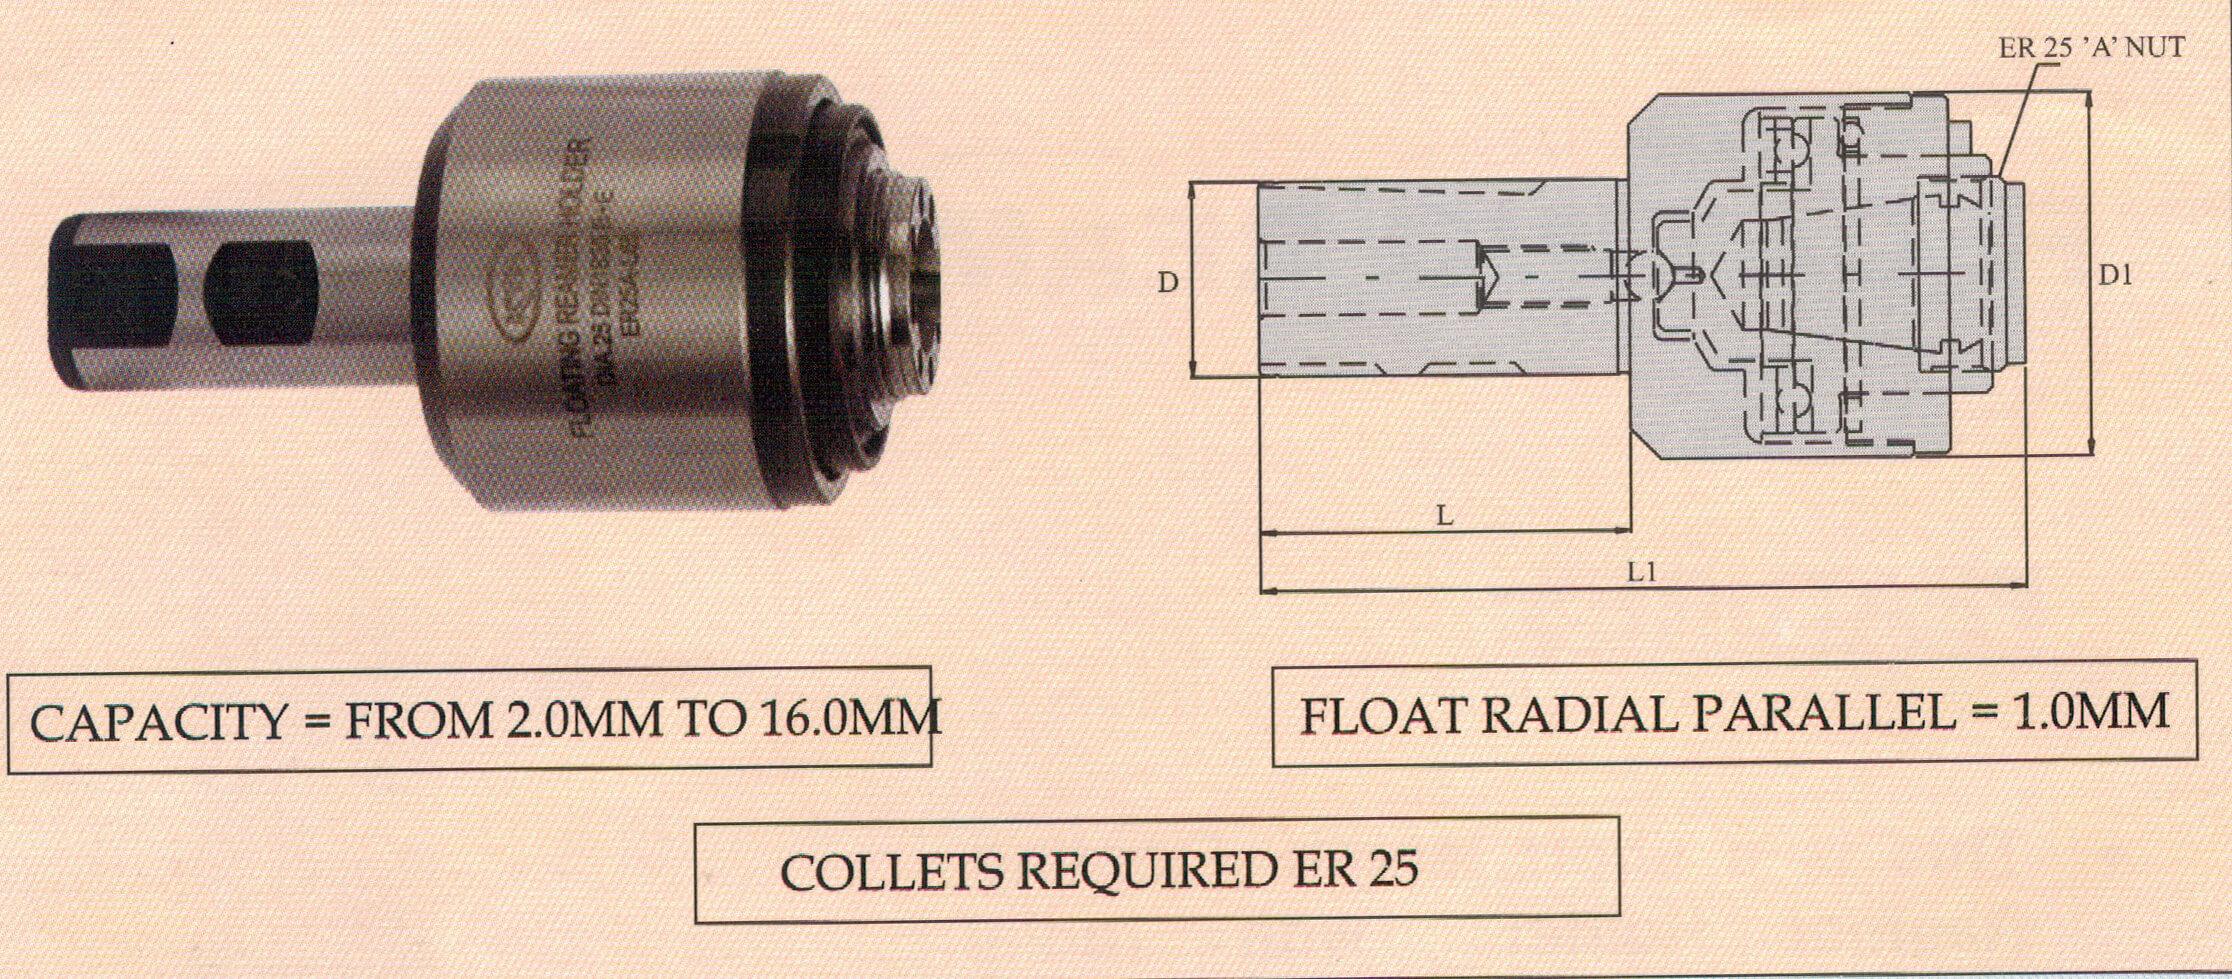 Floating Reamer Holder (FRH)